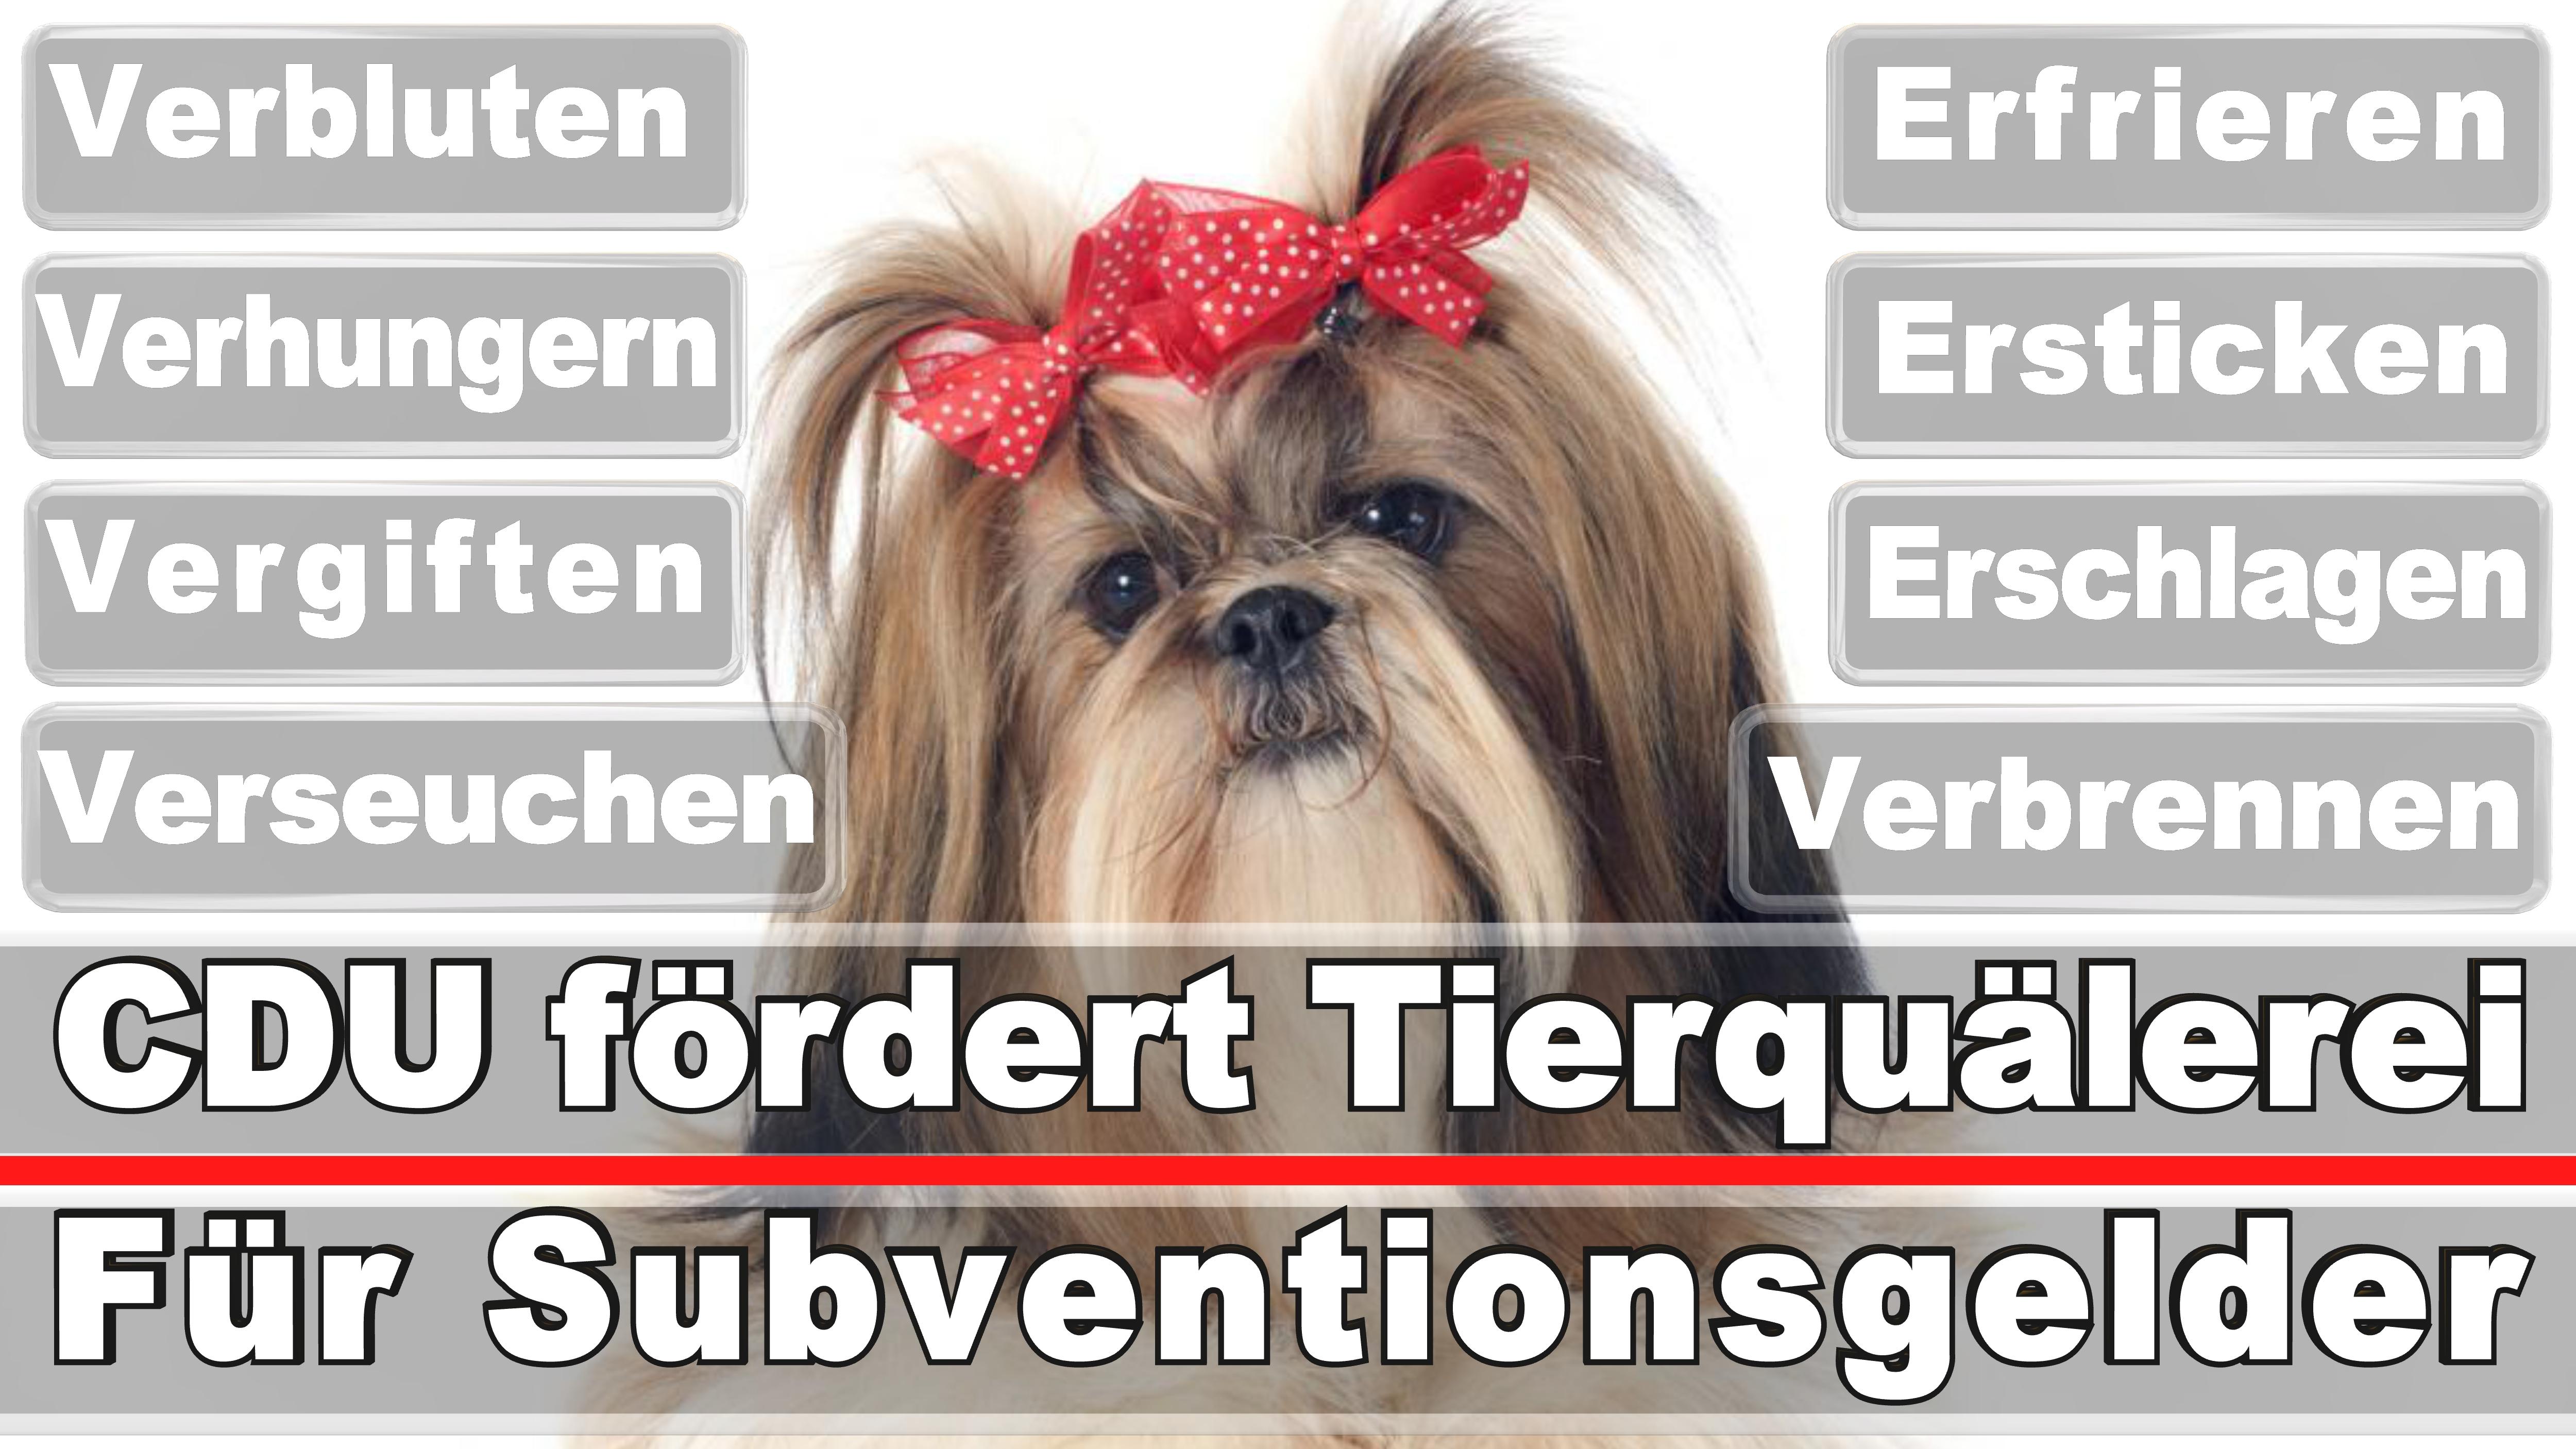 Landtagswahl-Bundestagswahl-CDU-SPD-FDP-AFD-Linke-Piraten (16)